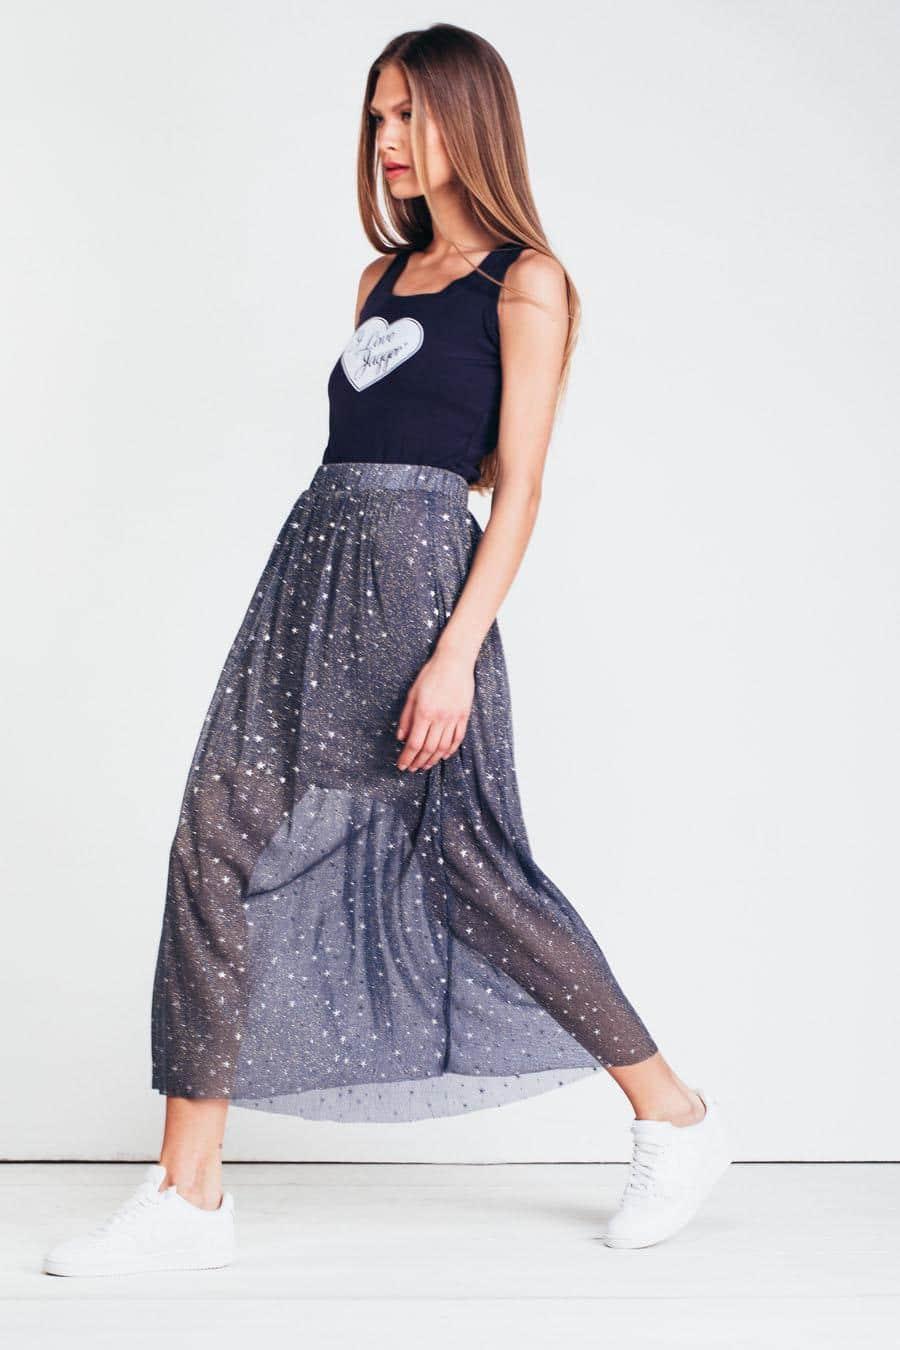 jagger zenska suknja kolekcija prolece leto 2021 ss 2021 kupi online jg 5513 09 2